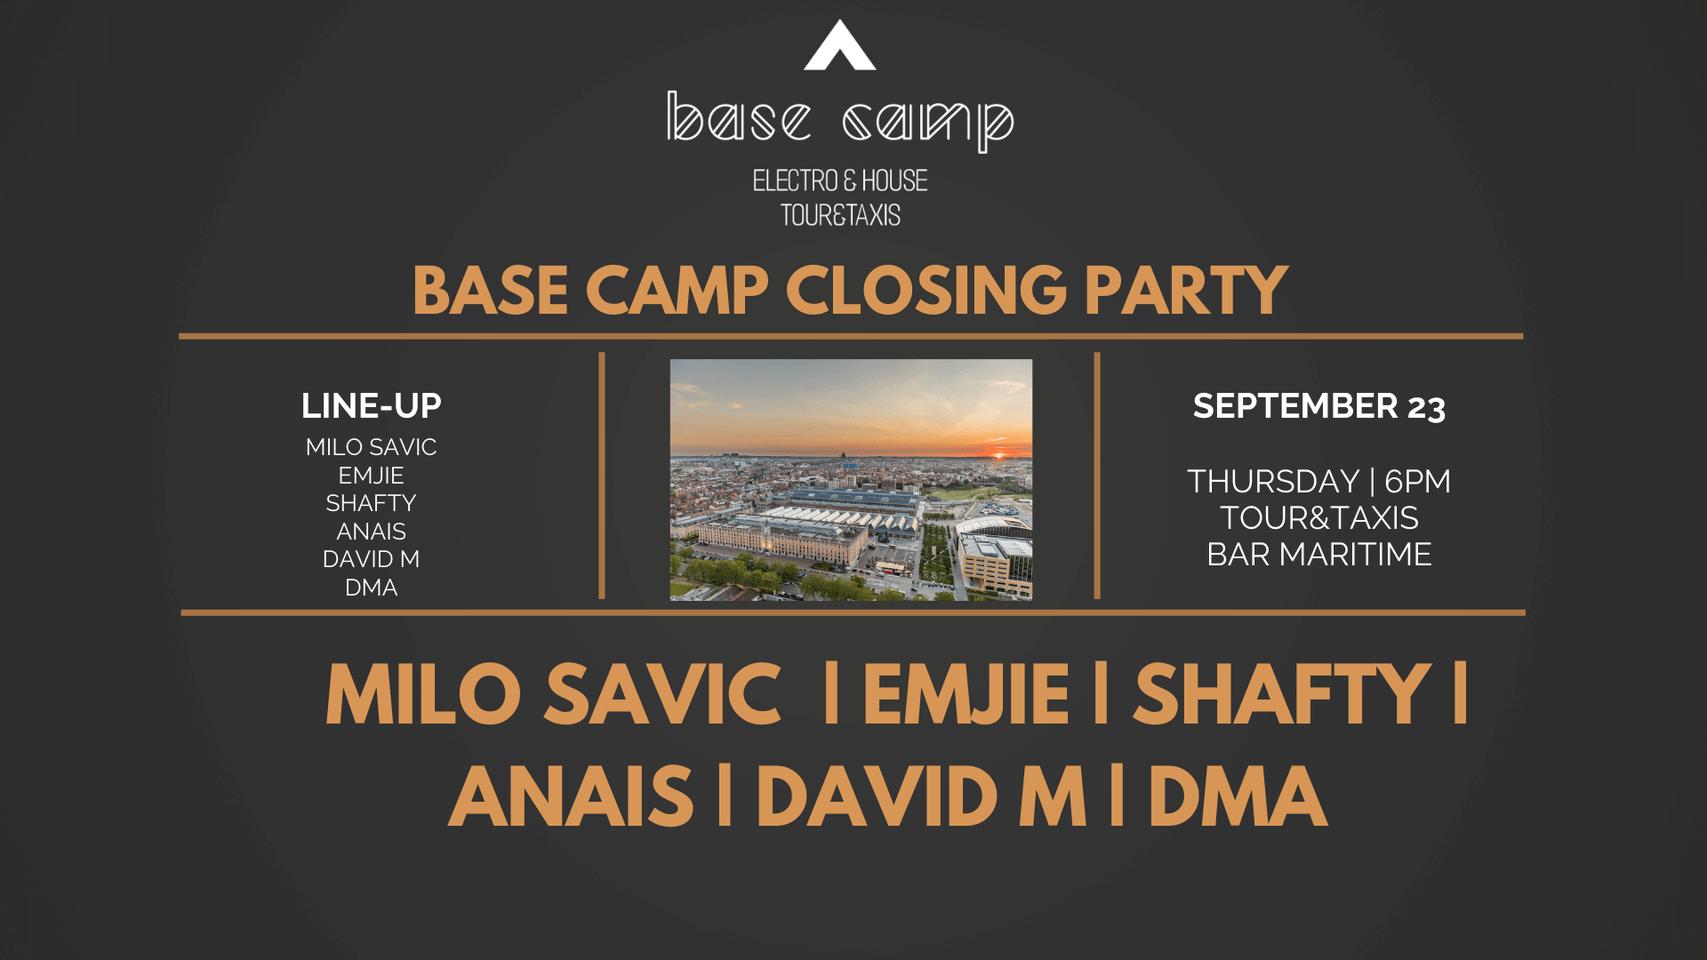 Base Camp Closing Party